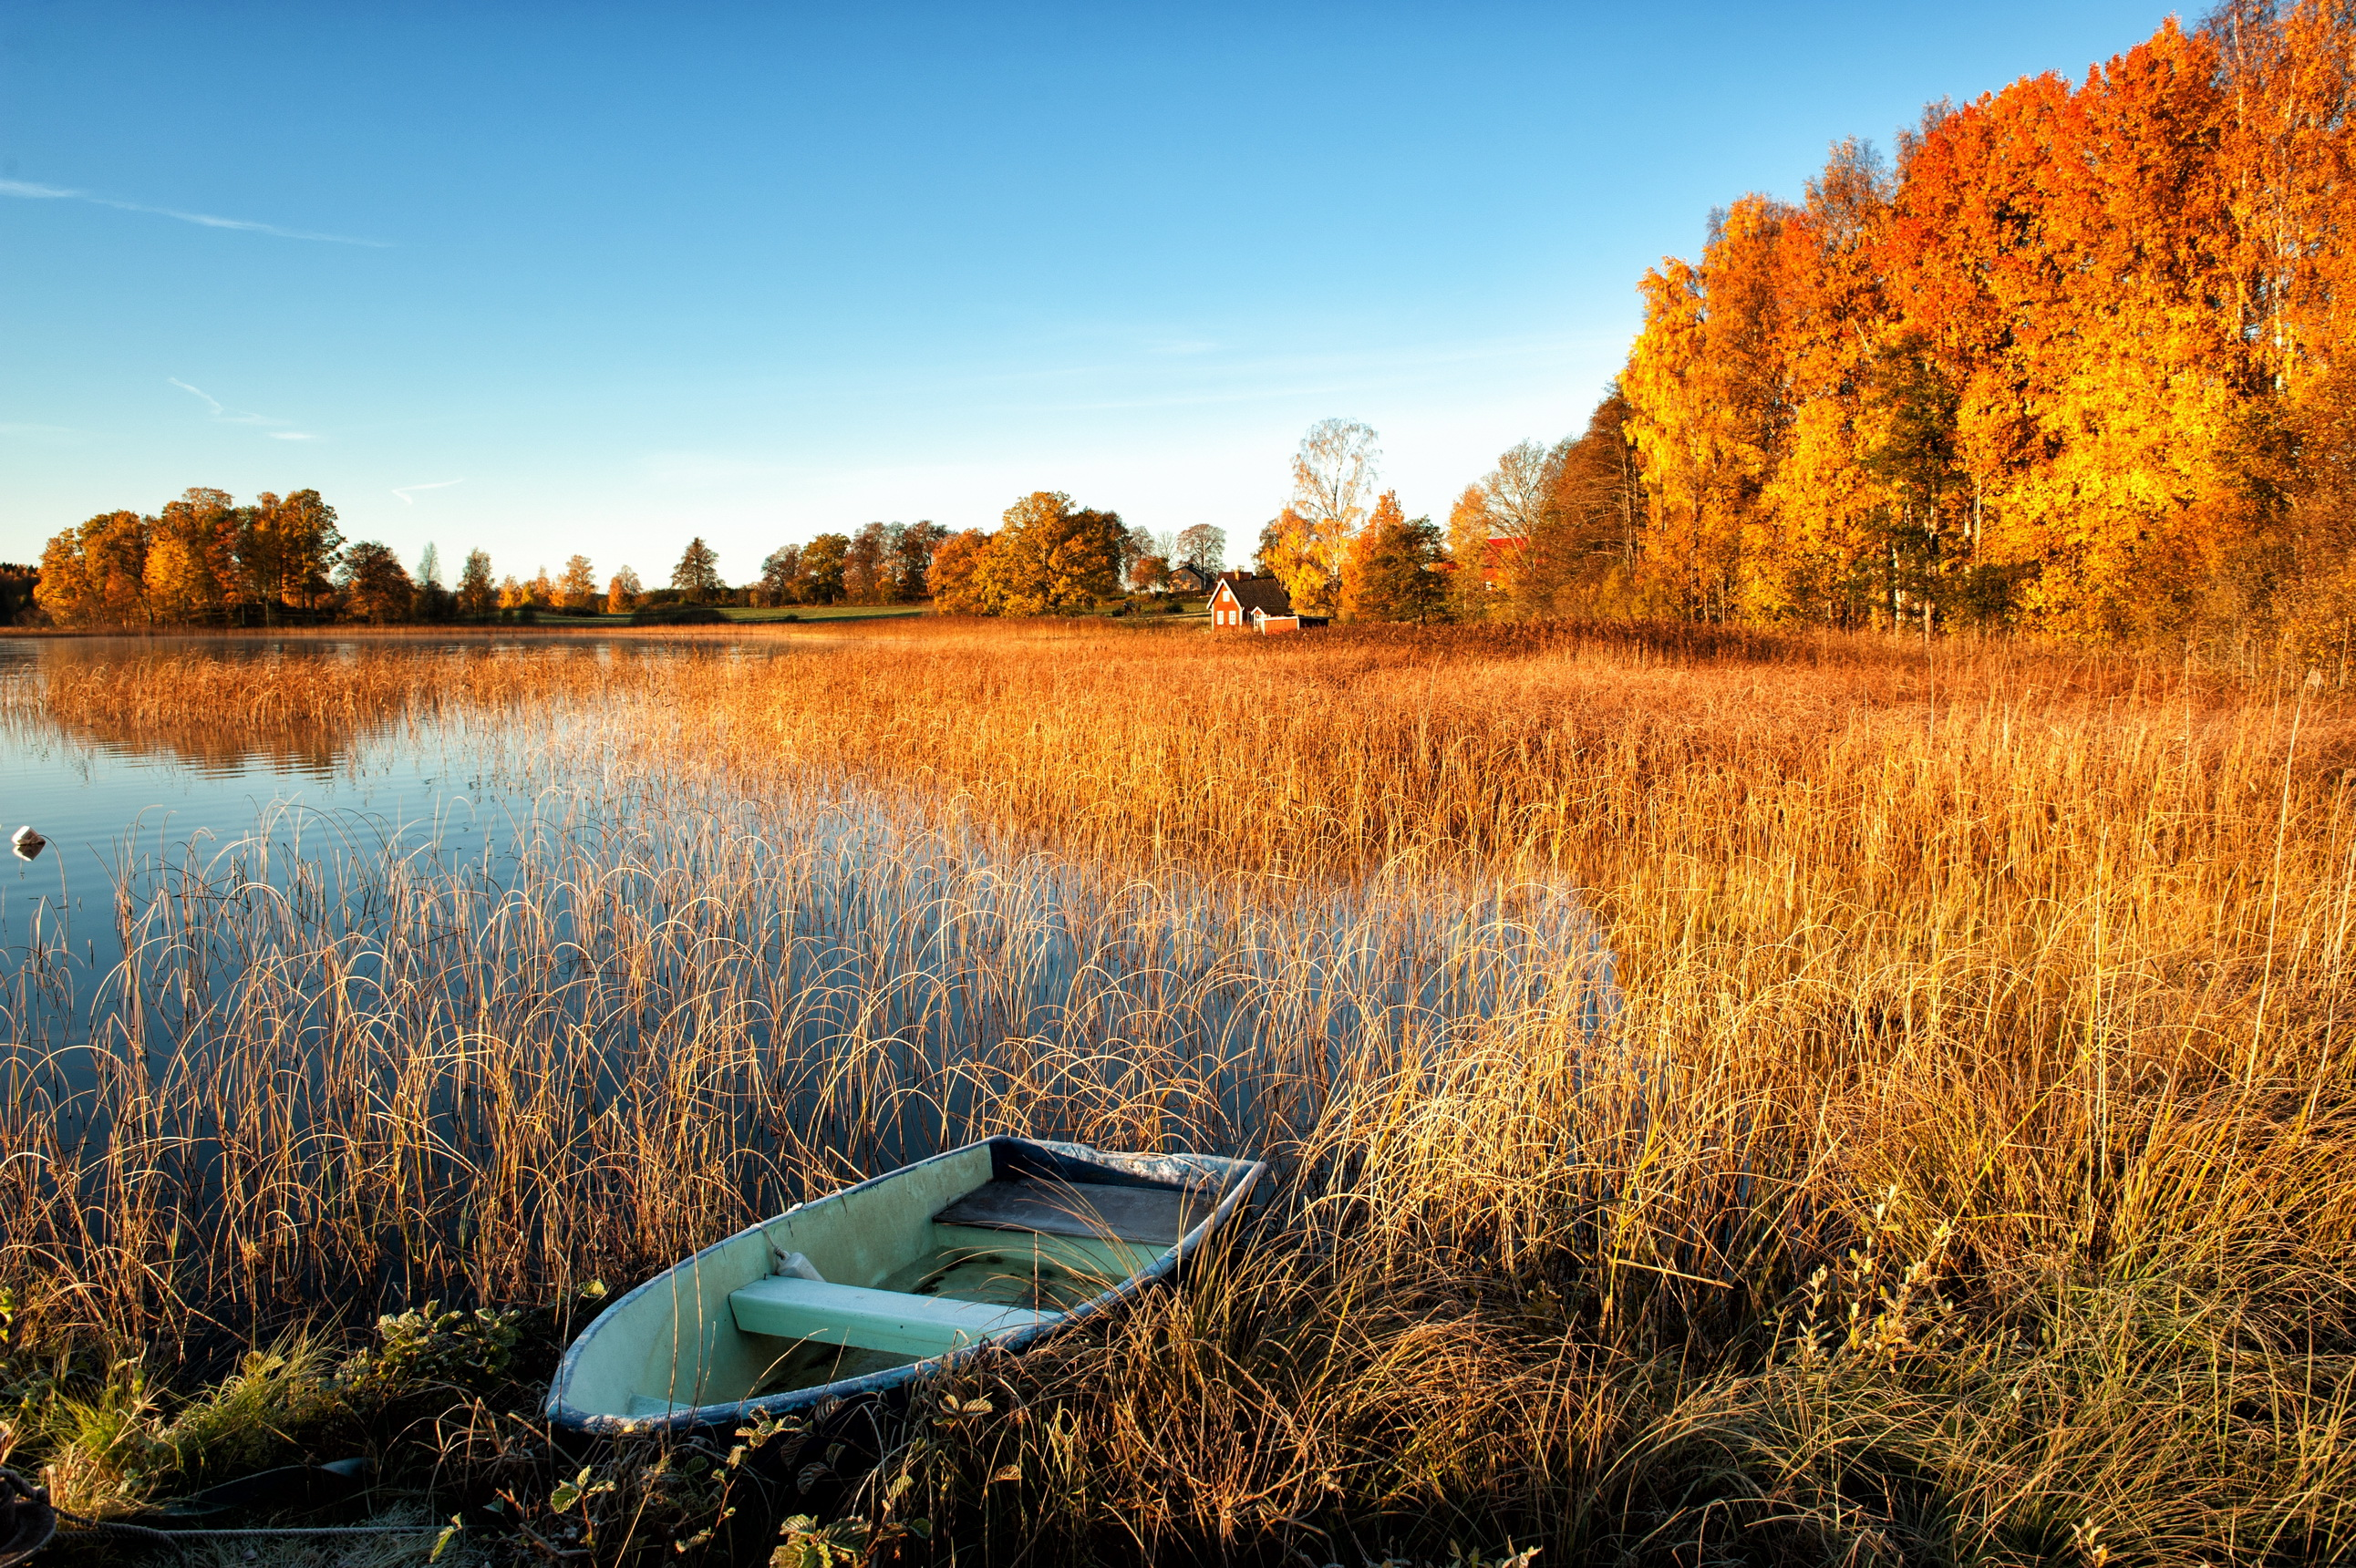 природа оранжевый автомобиль трава ангар деревья без смс